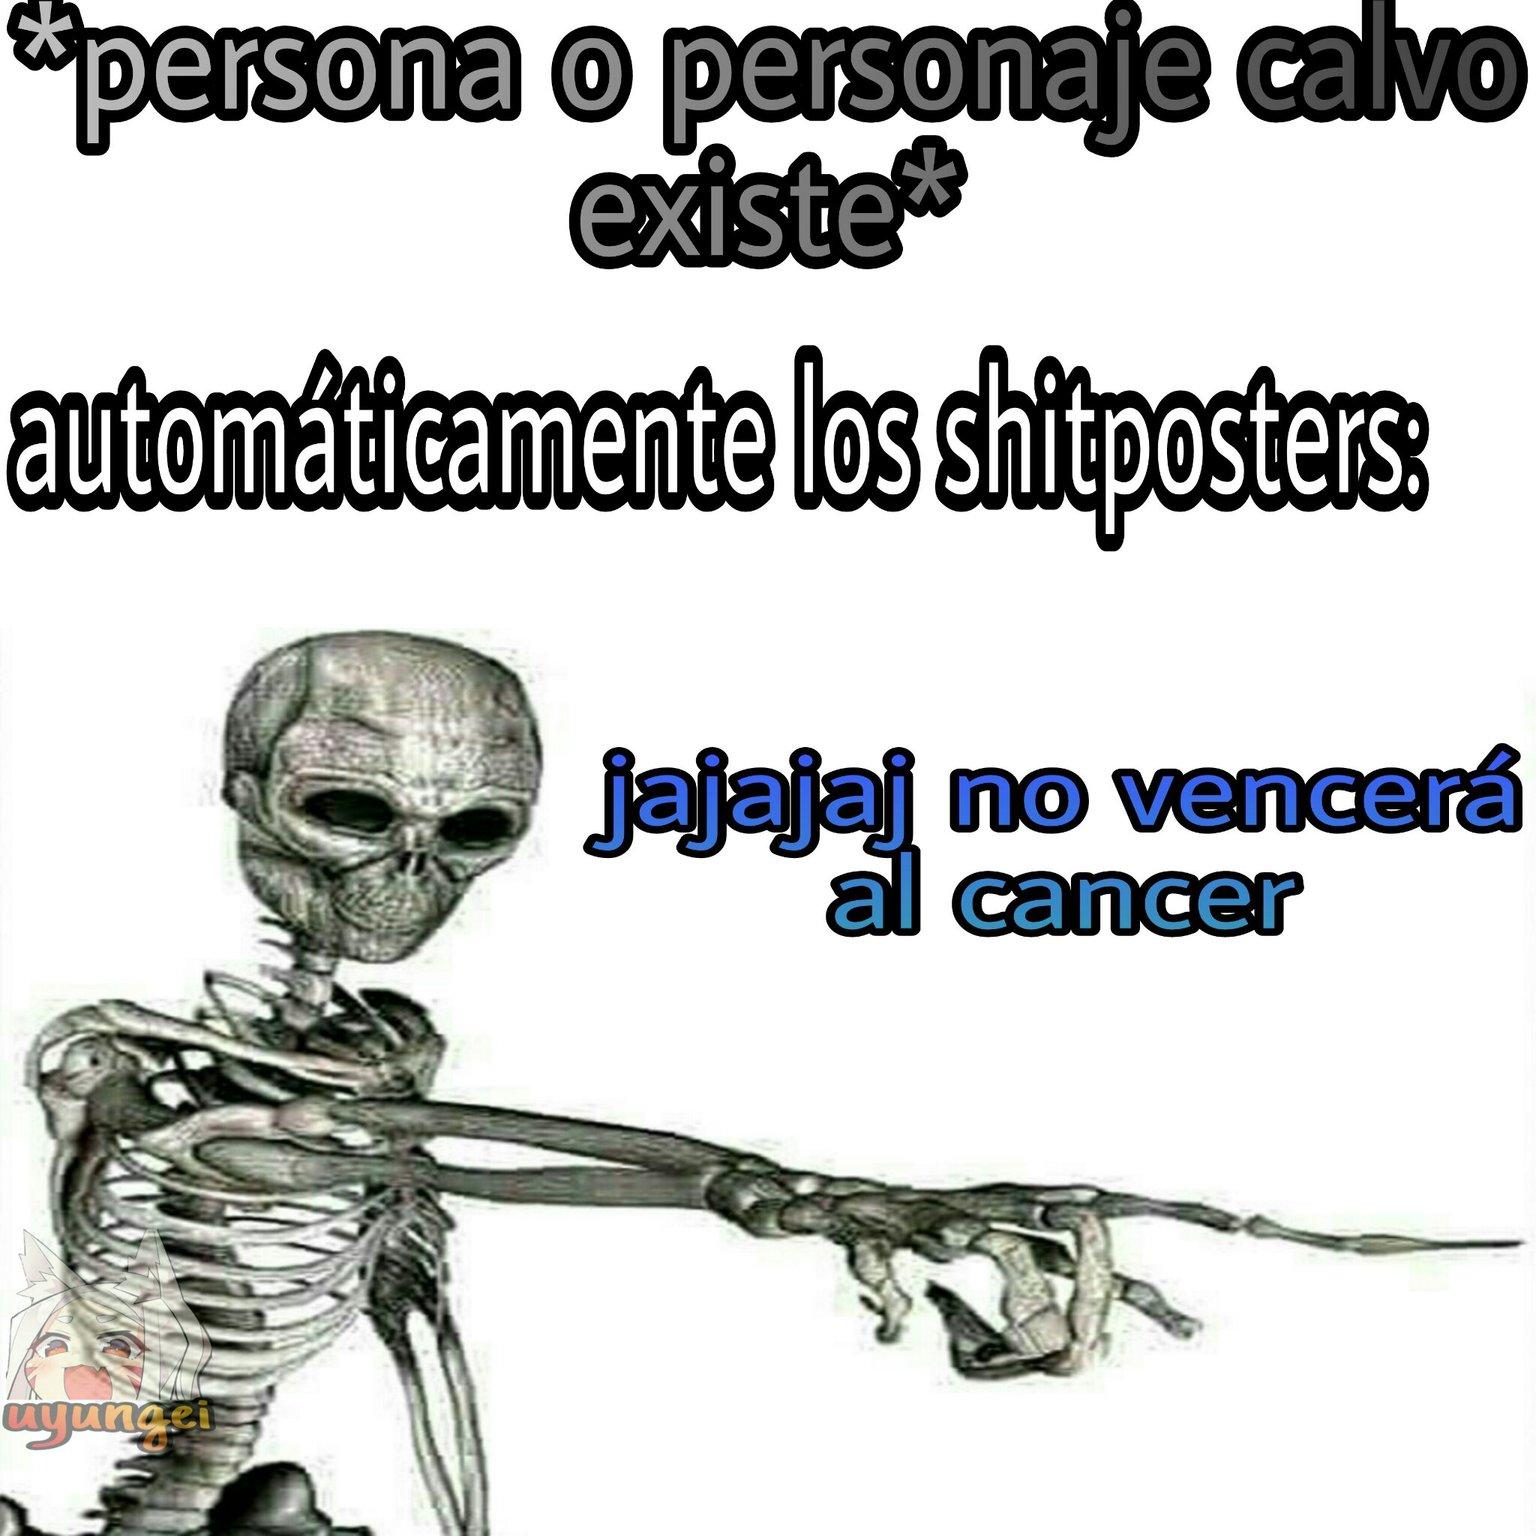 Haganle un no vencerá al cancer - meme